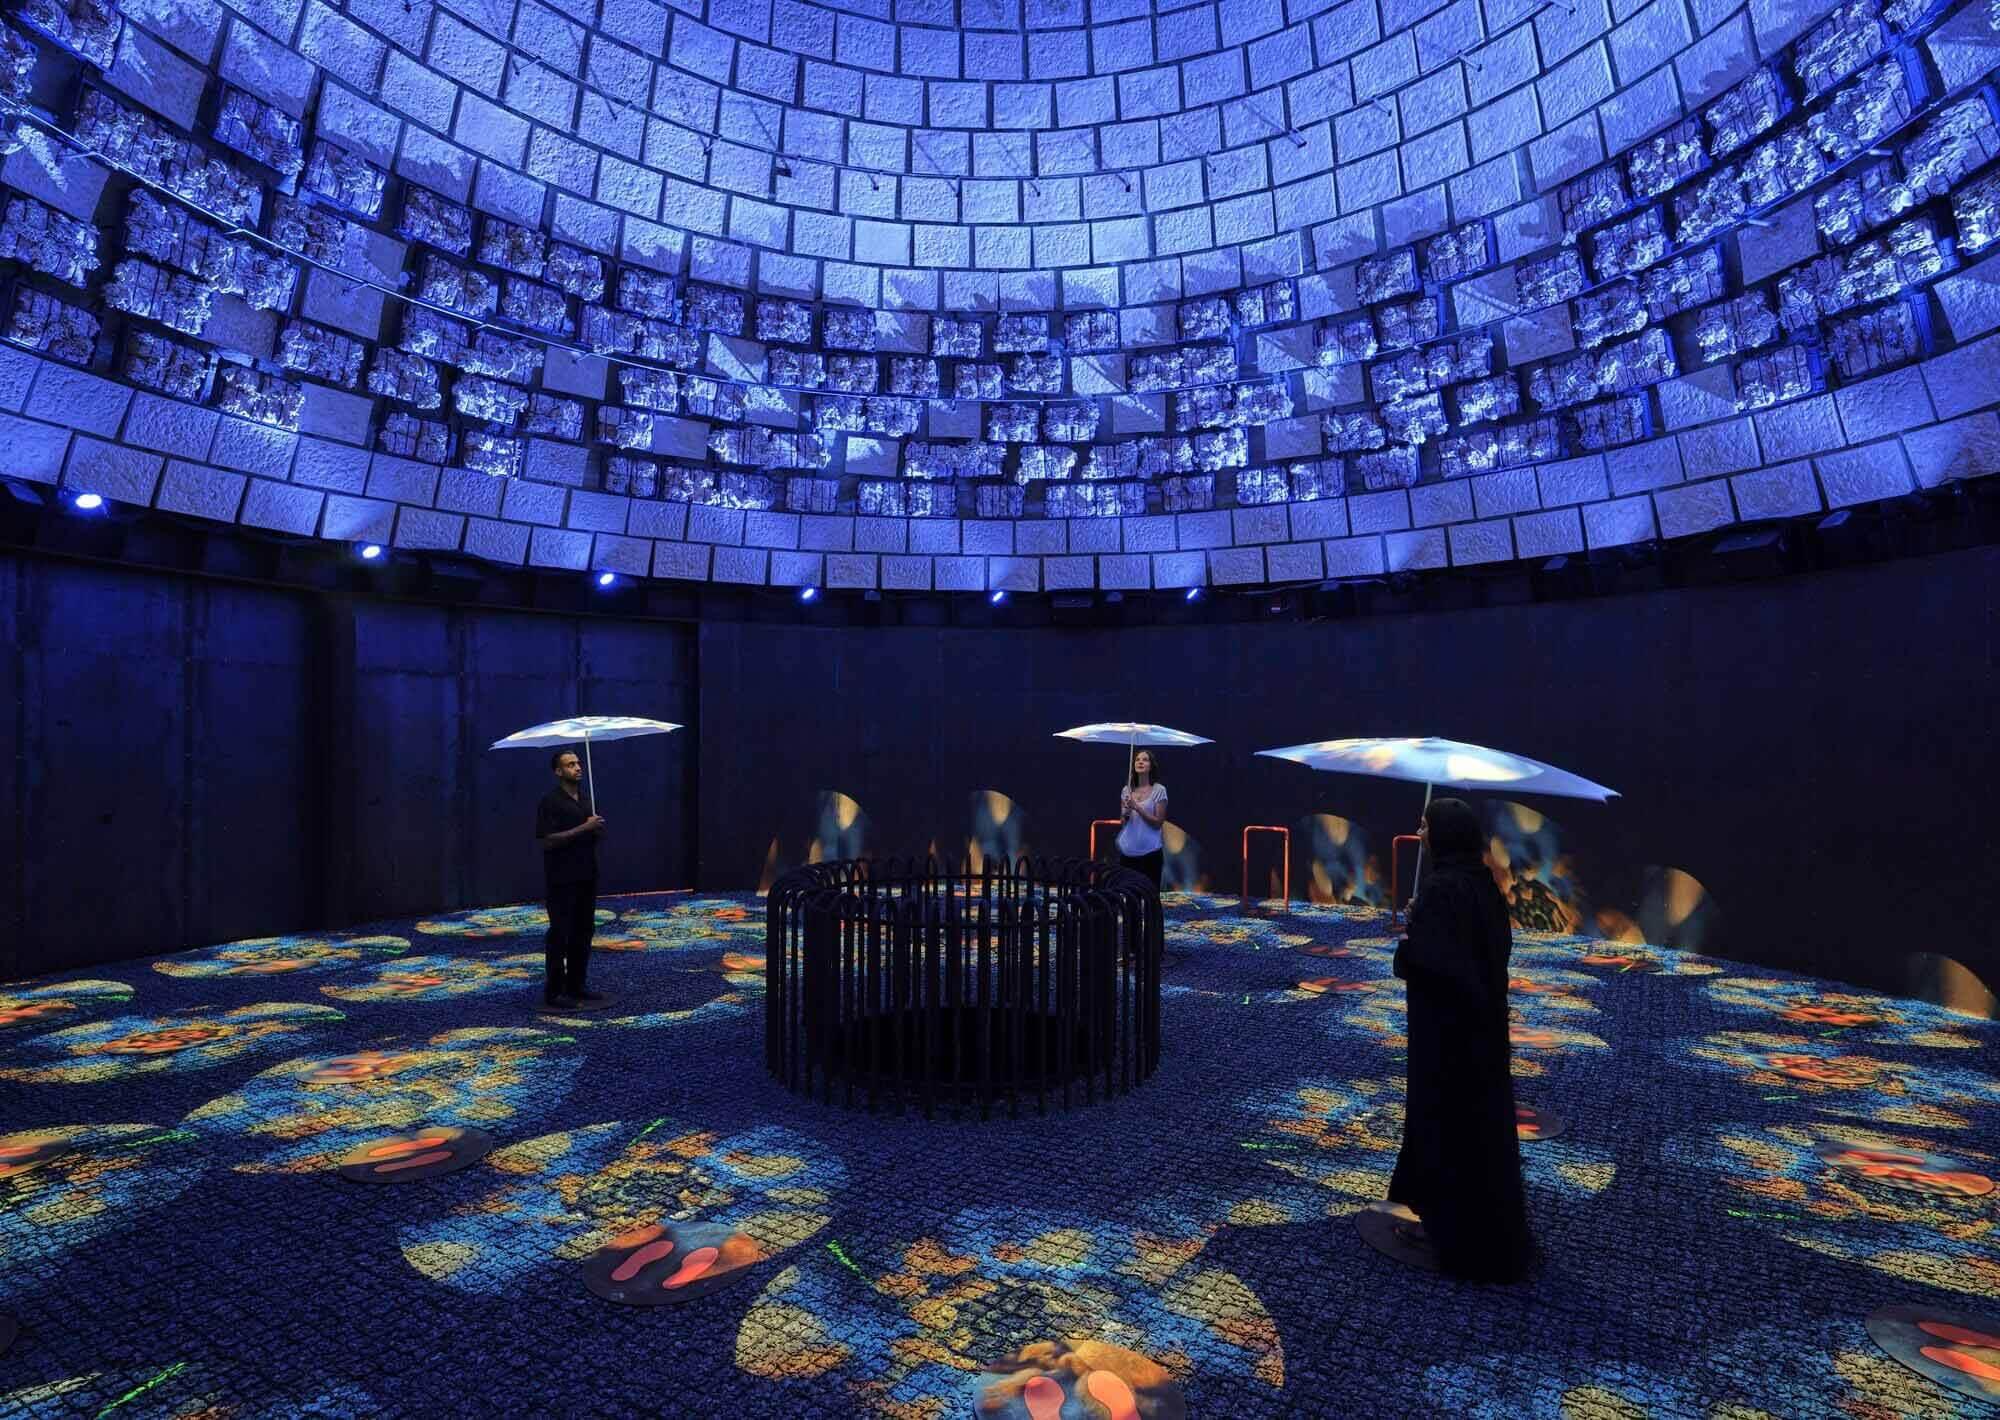 Павильон Нидерландов на Expo 2020 Dubai создает новый временный биотоп в пустыне